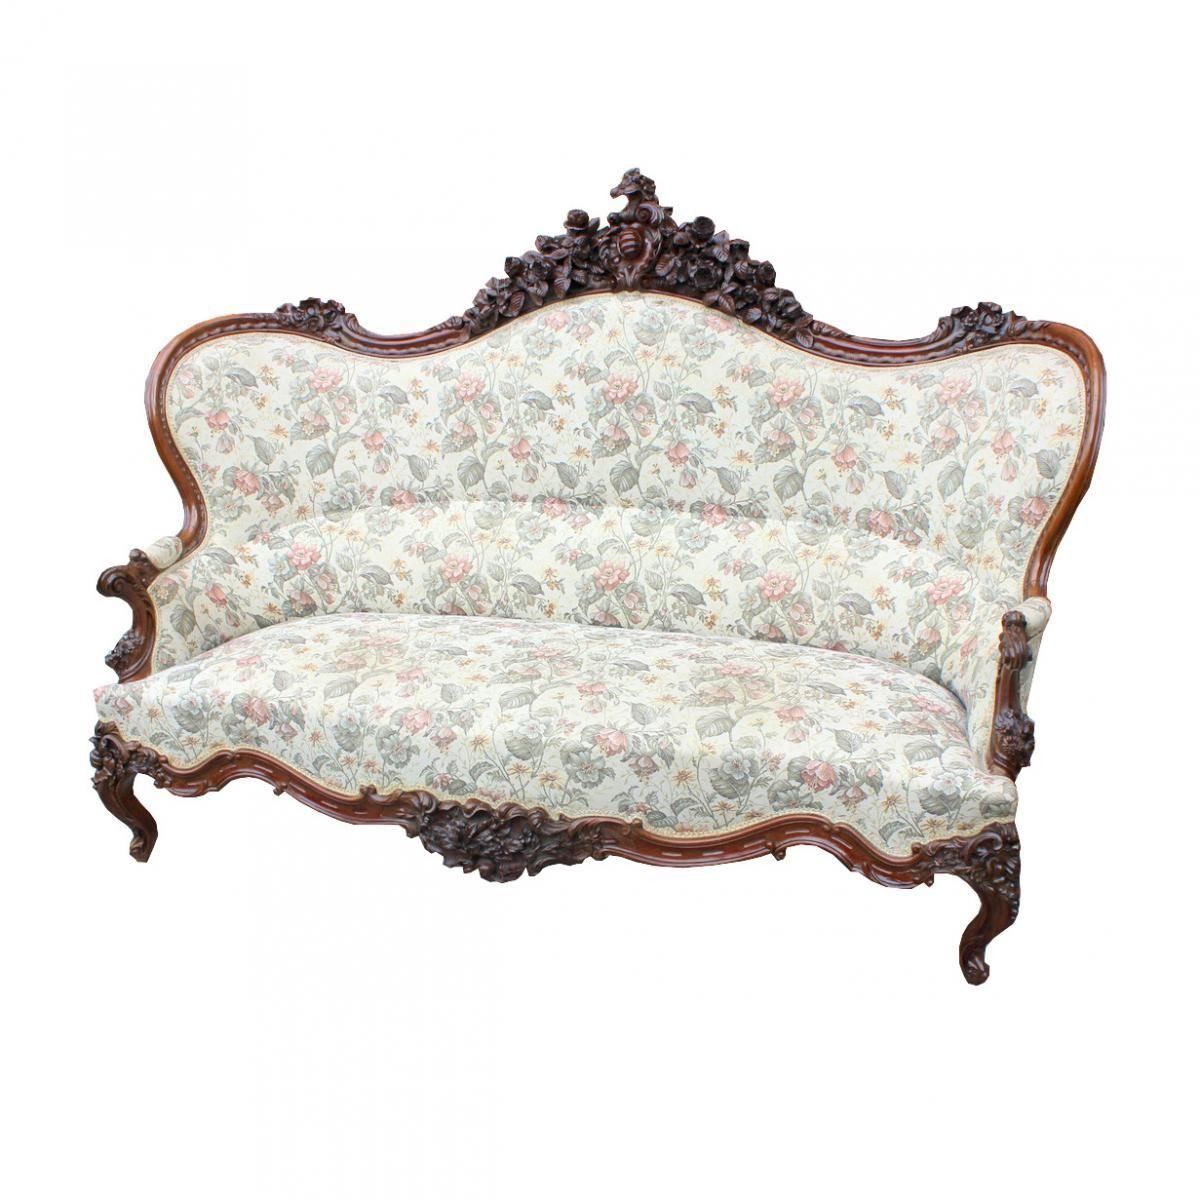 Canape Ancienne Du Xix Siecle France Borrelli Antichita Proantic Canape Antique Canape Ancien Meuble De Style